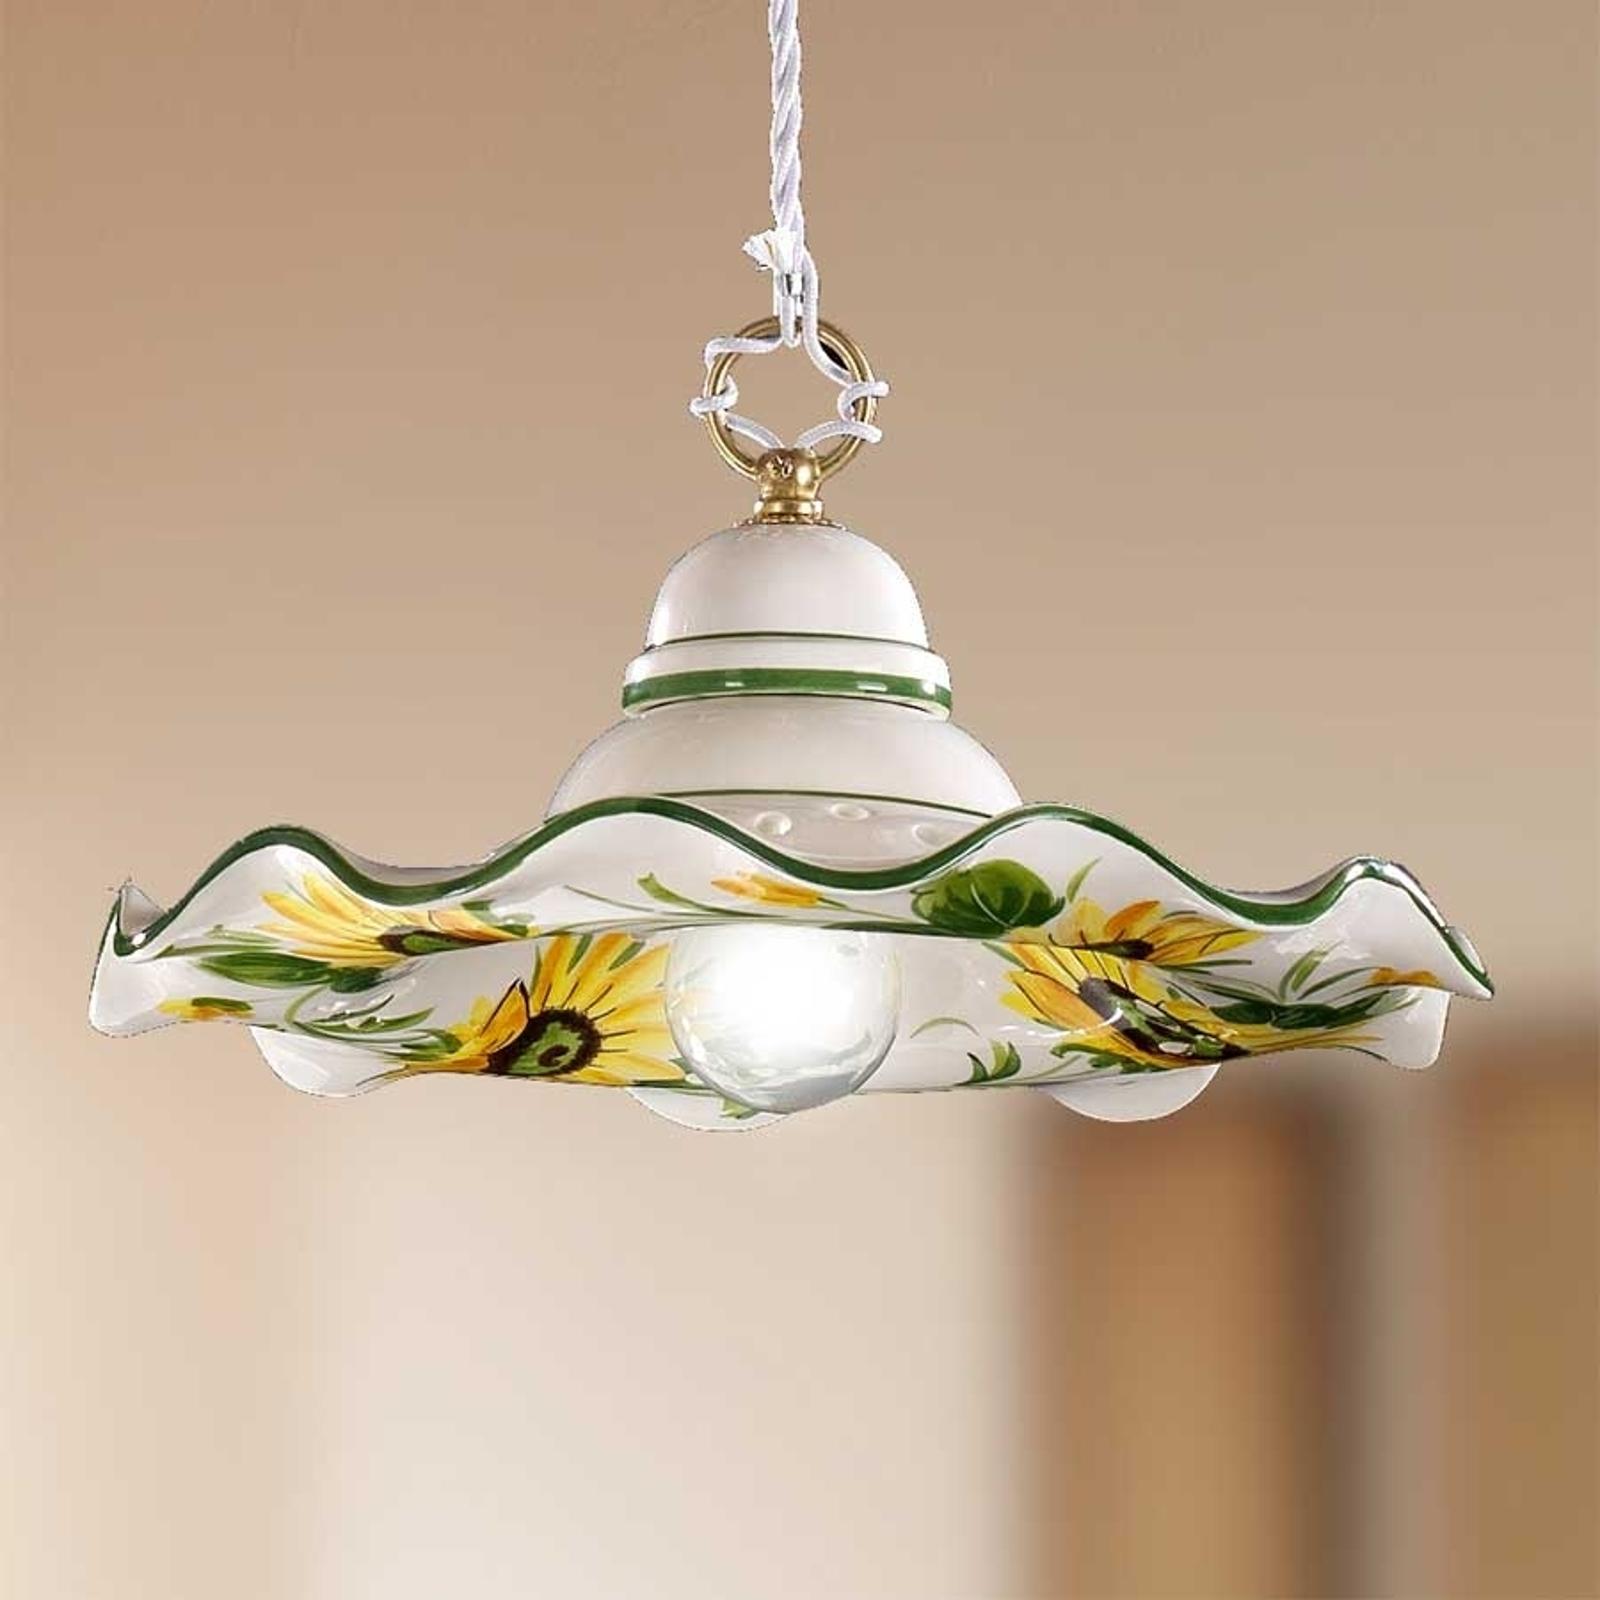 Hængelampe GIRASOLA med landhuscharme, 32 cm